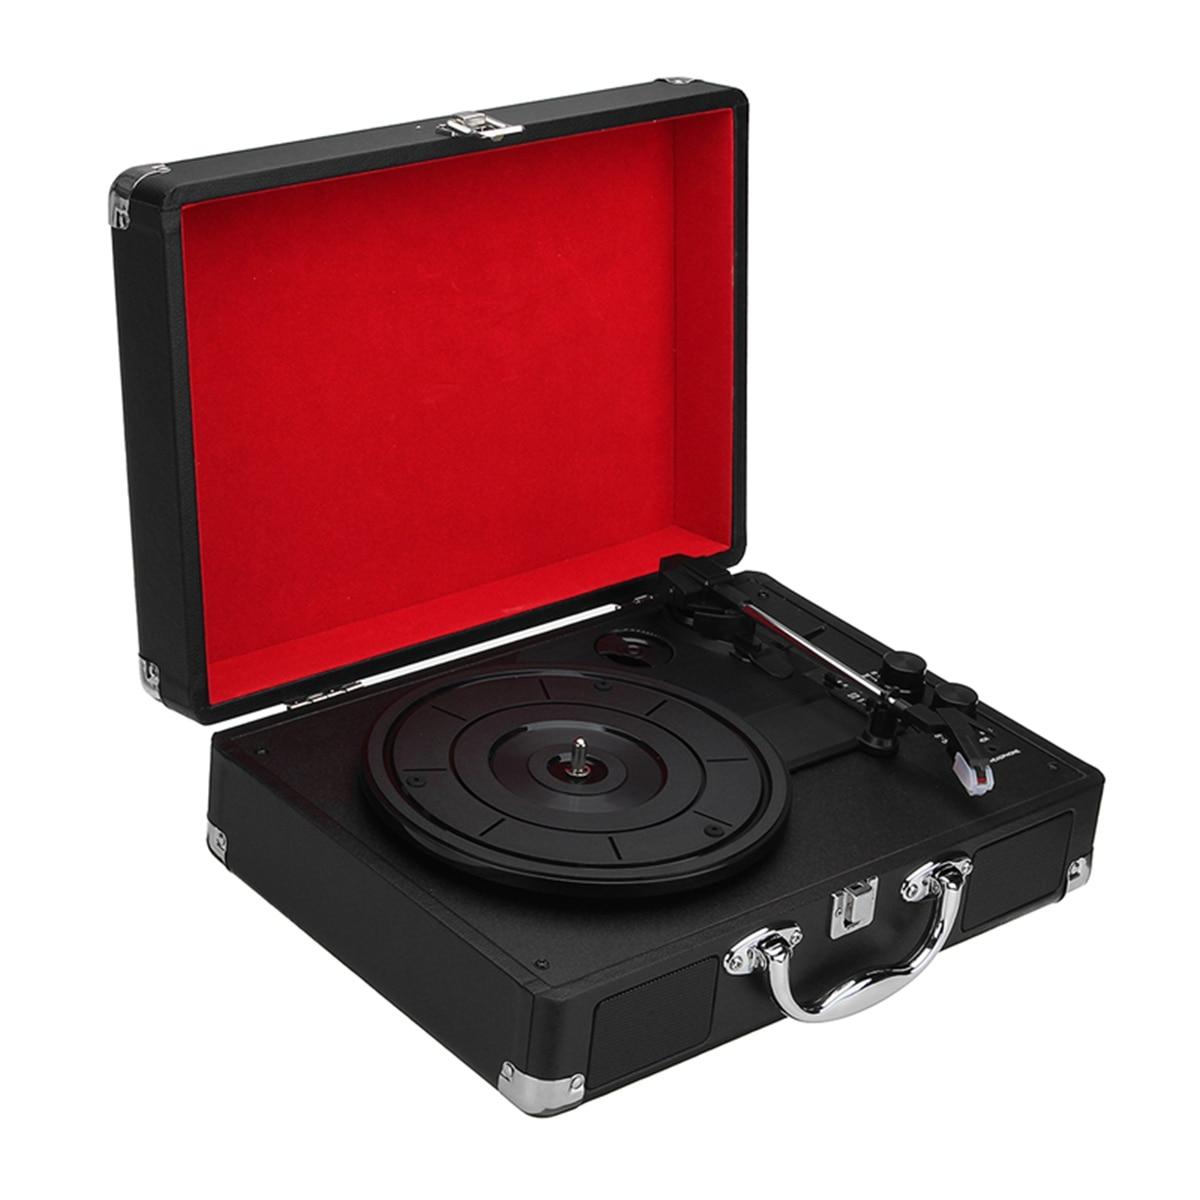 Unter Der Voraussetzung 33/45/78 Rpm Bluetooth Tragbare Koffer Plattenspieler Vinyl Lp Record Telefon Player 3-speed Aux In Line-out 100-240 V Plattenspieler